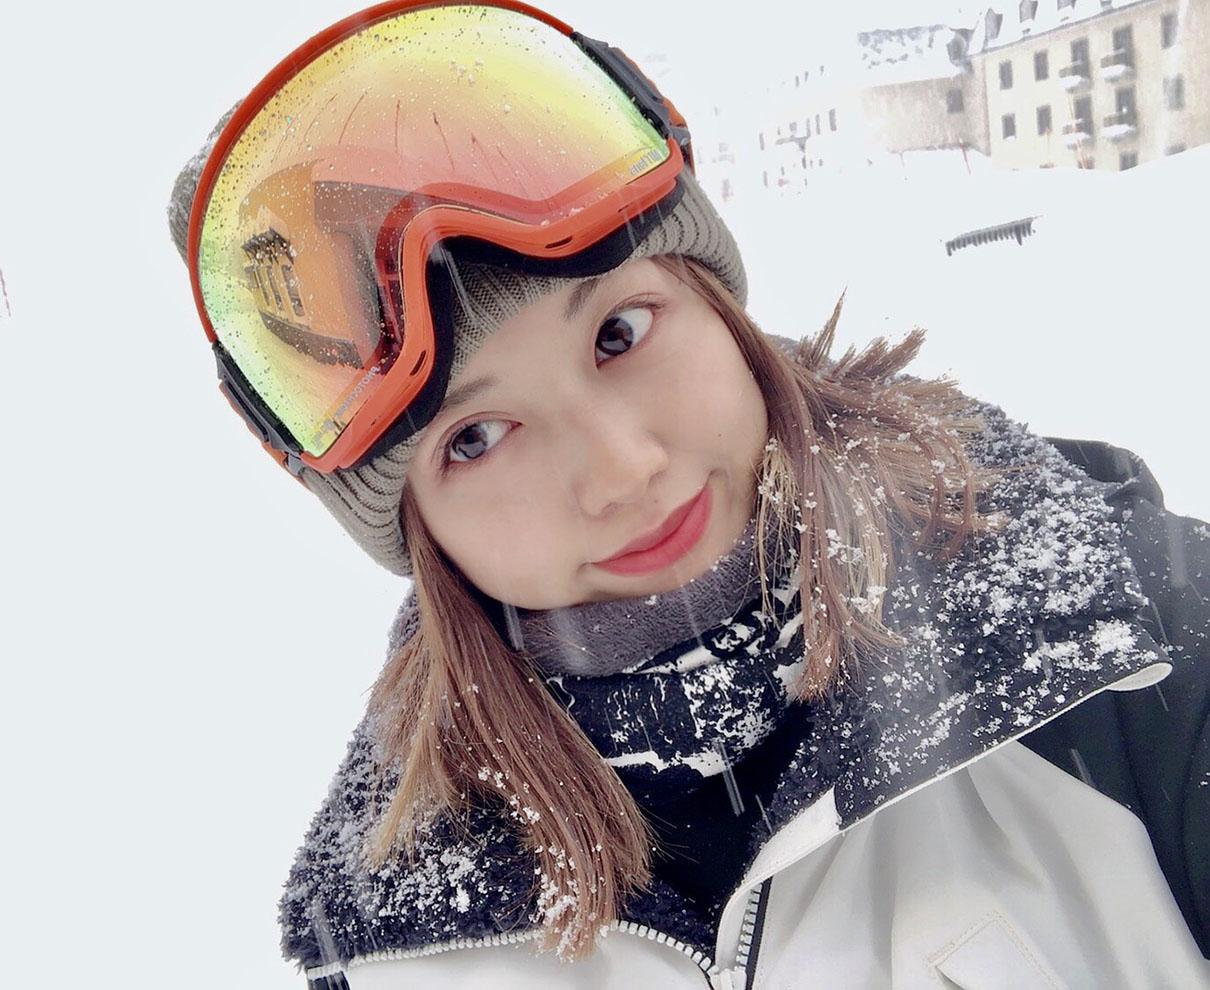 雪山へGO!今シーズン初のスノボは最高でした♪どなたか上手に滑るコツ教えてください。